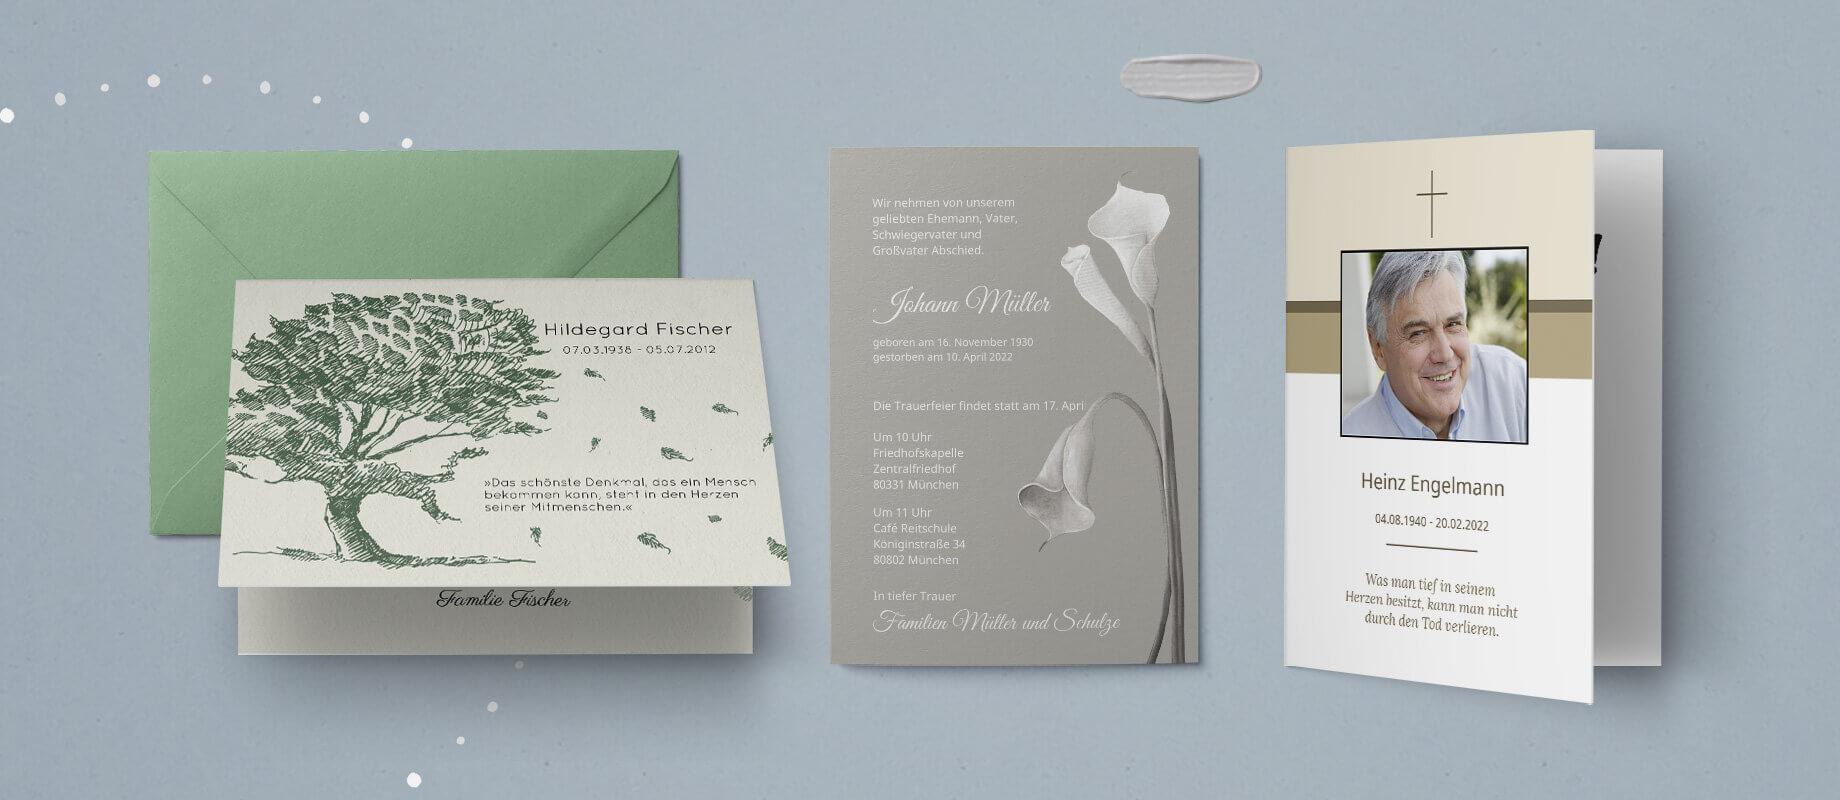 Einladungskarten Trauerfeier